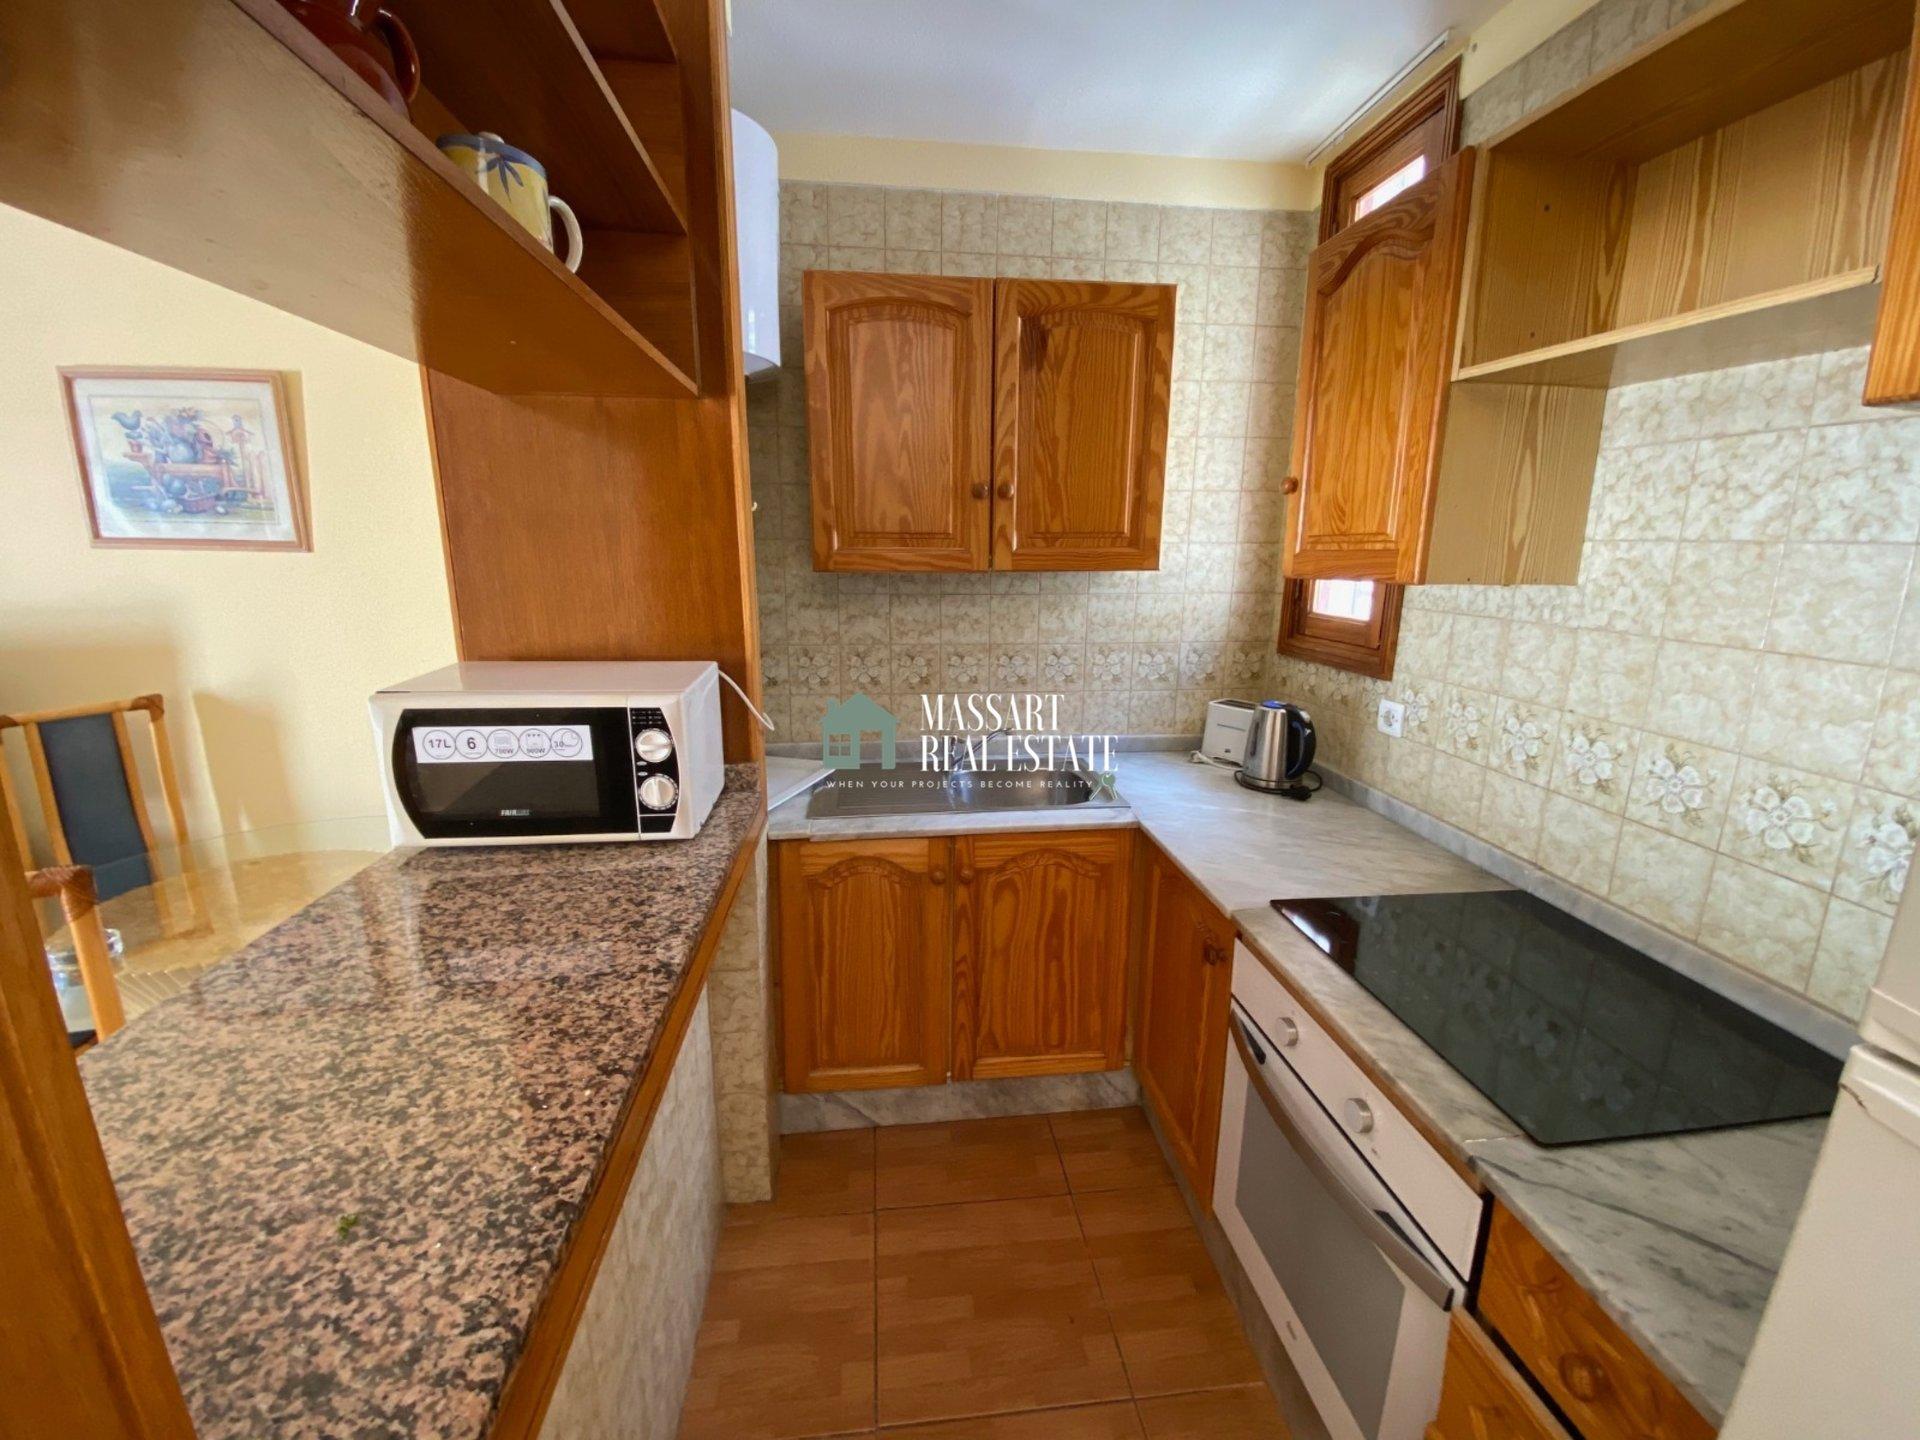 En venta en San Eugenio (Costa Adeje), en el complejo residencial Tinerfe Garden, apartamento amueblado de 60 m2.